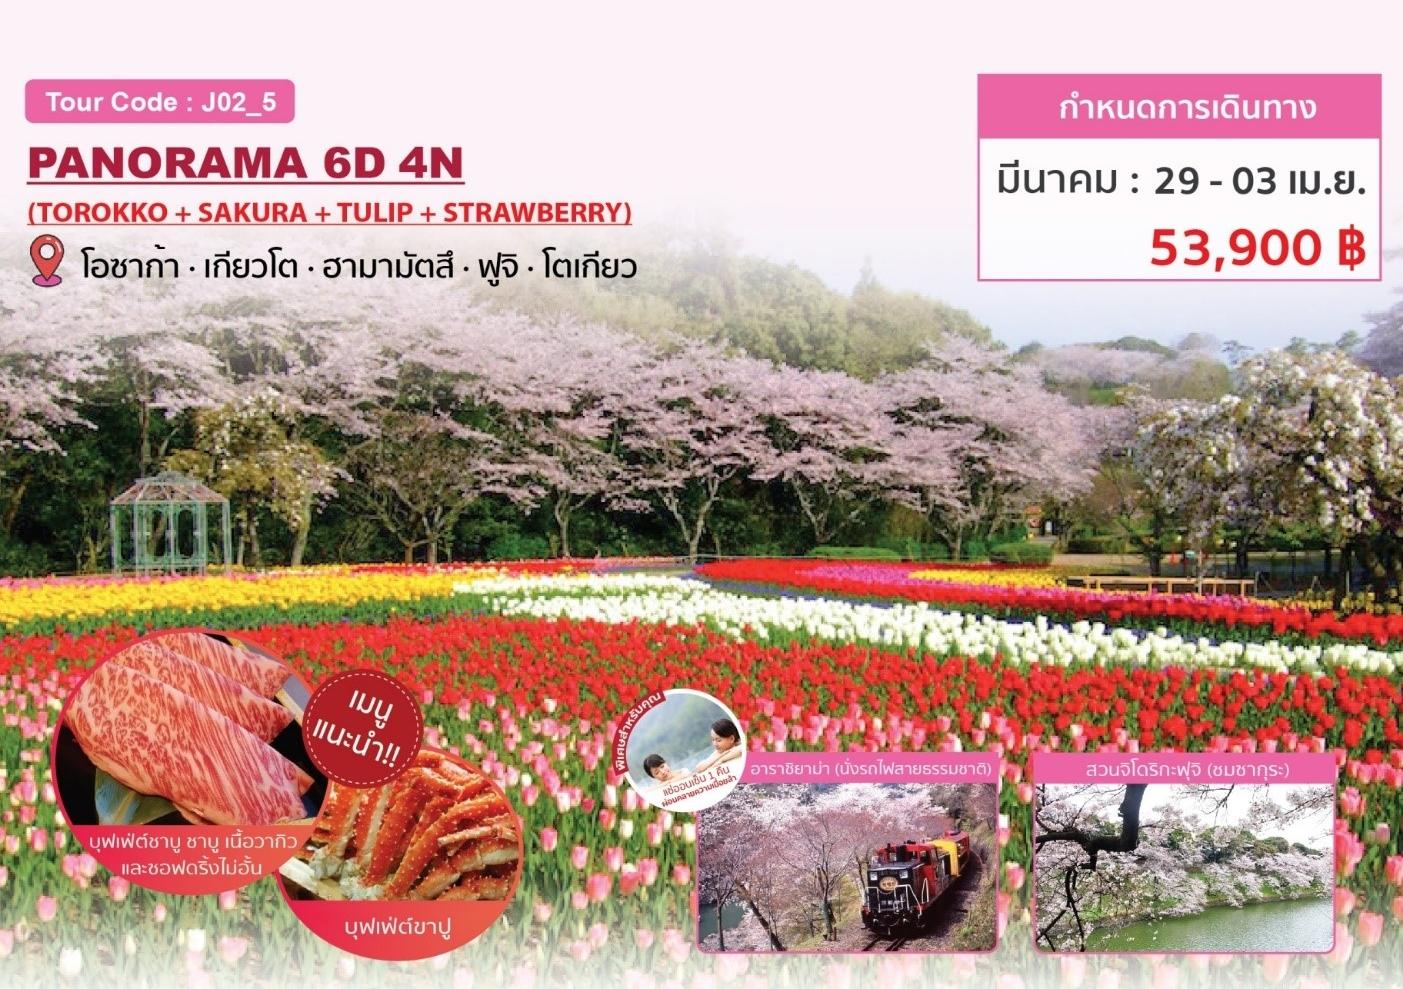 ทัวร์ญี่ปุ่น-PANORAMA-6D4N-(29MAR-03APR20)(J02_5)